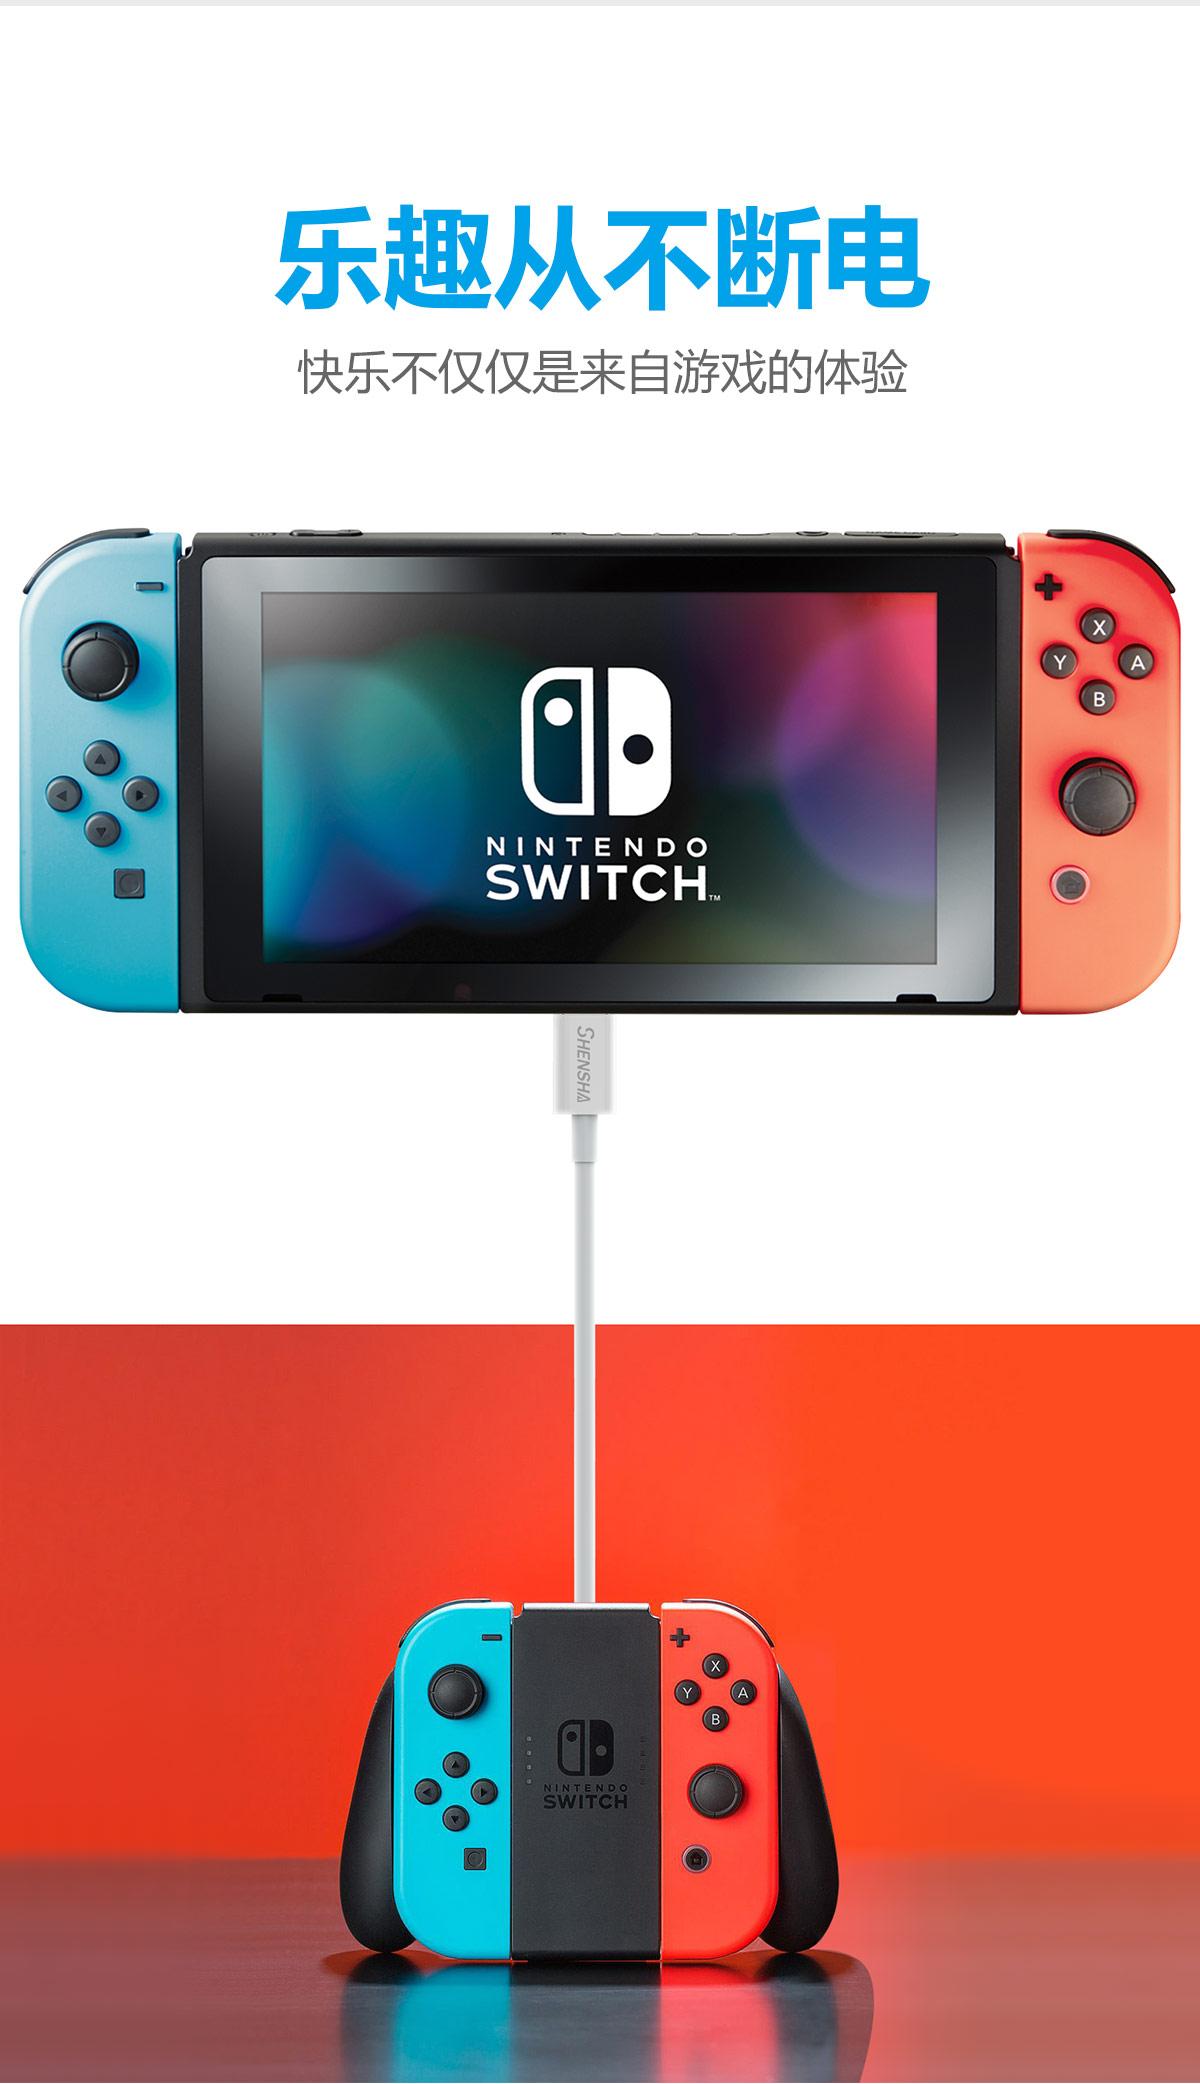 乐趣从不断电 快乐不仅仅是来自游戏的体验 switch